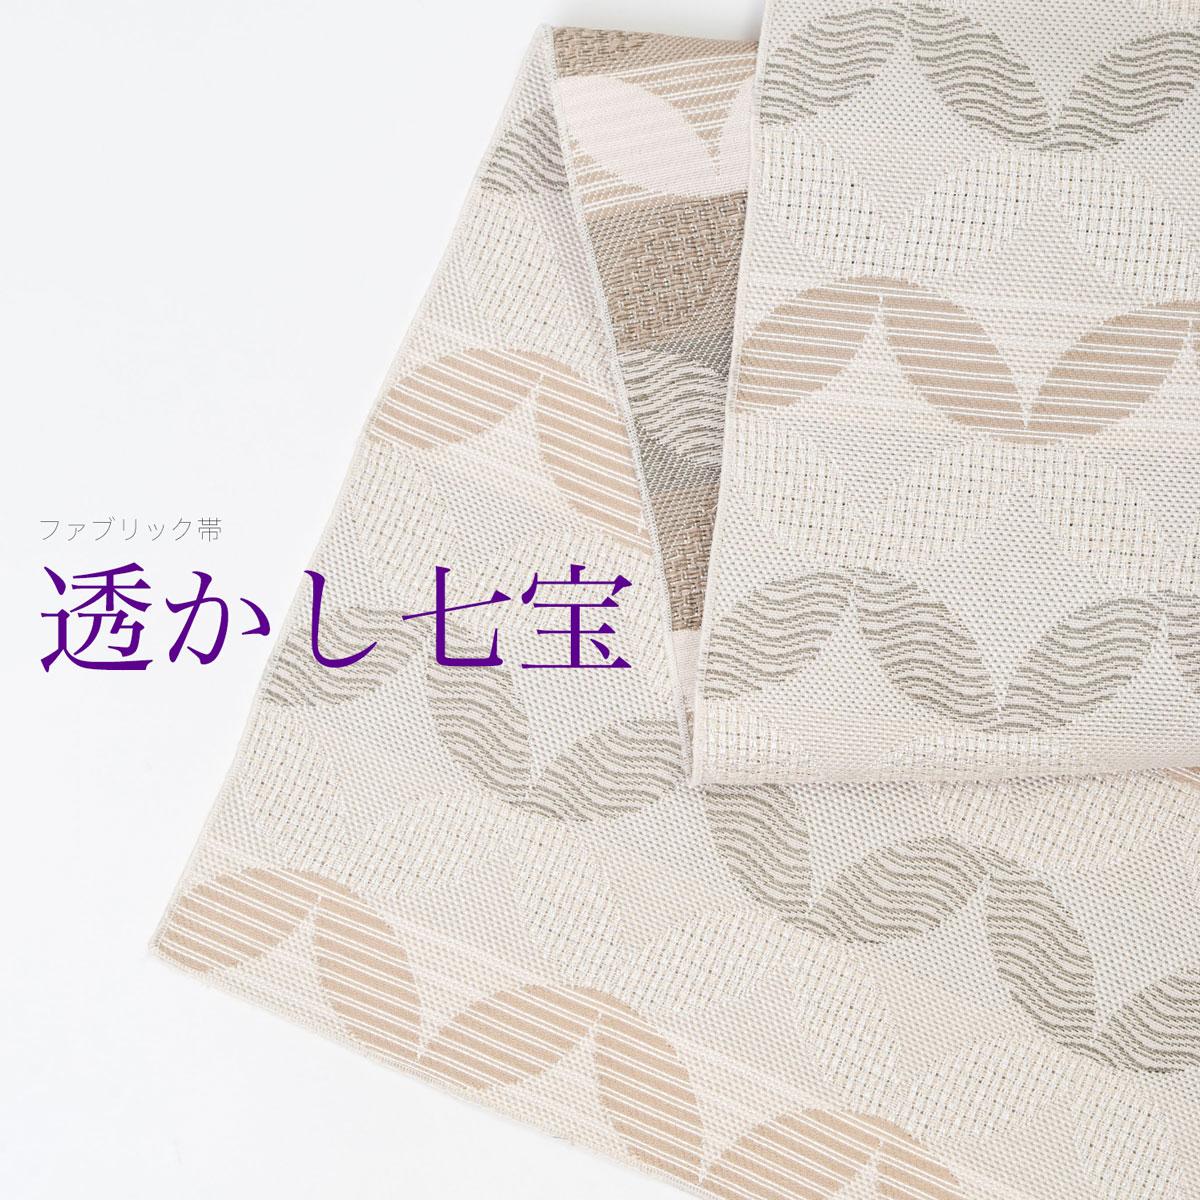 ファブリック帯【透かし七宝】シャンパンベージュ